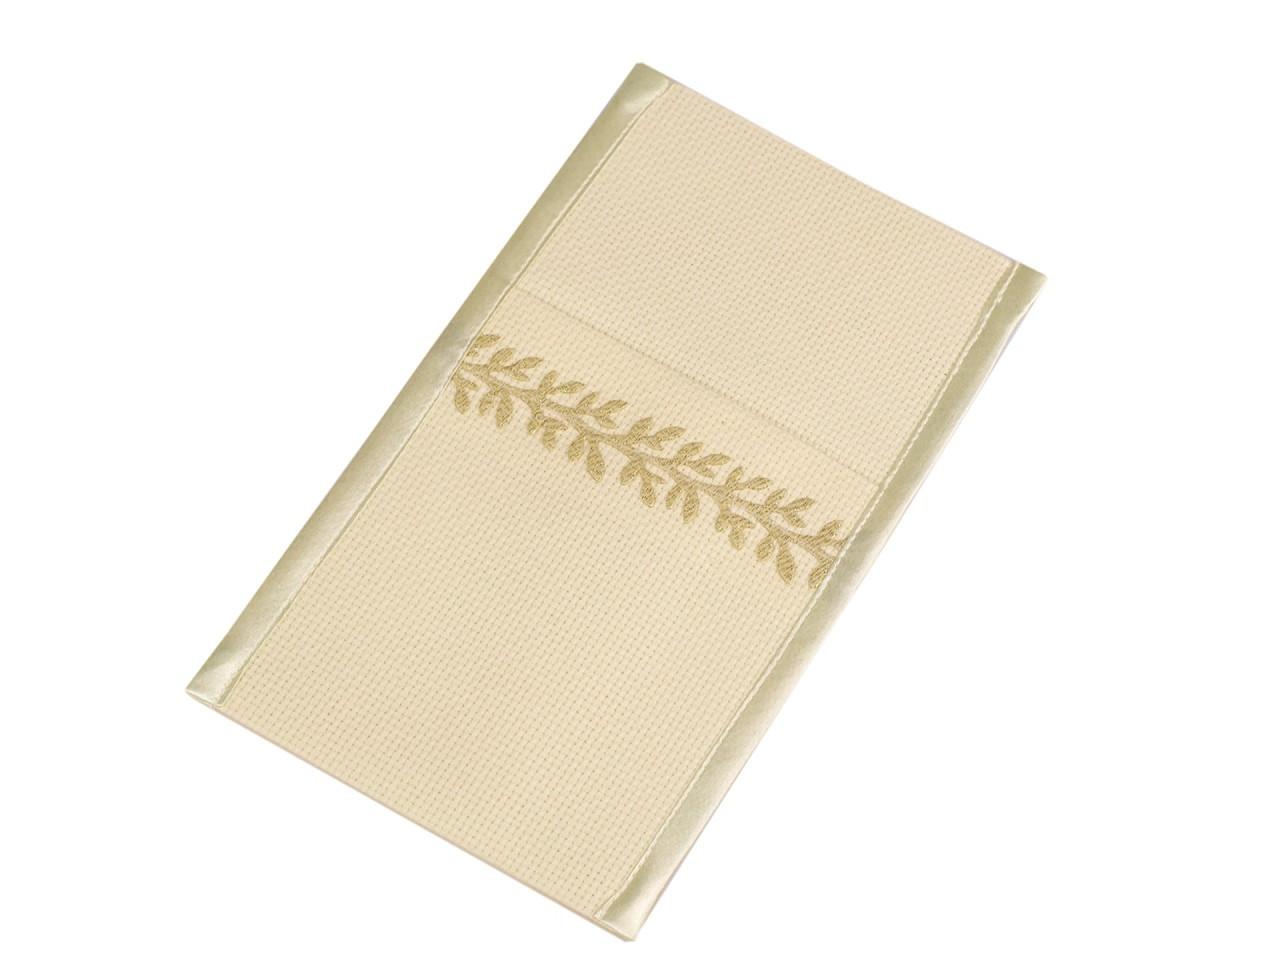 Kapsa na příbory s větvičkou 12x21 cm, barva 4 vanilková zlatá